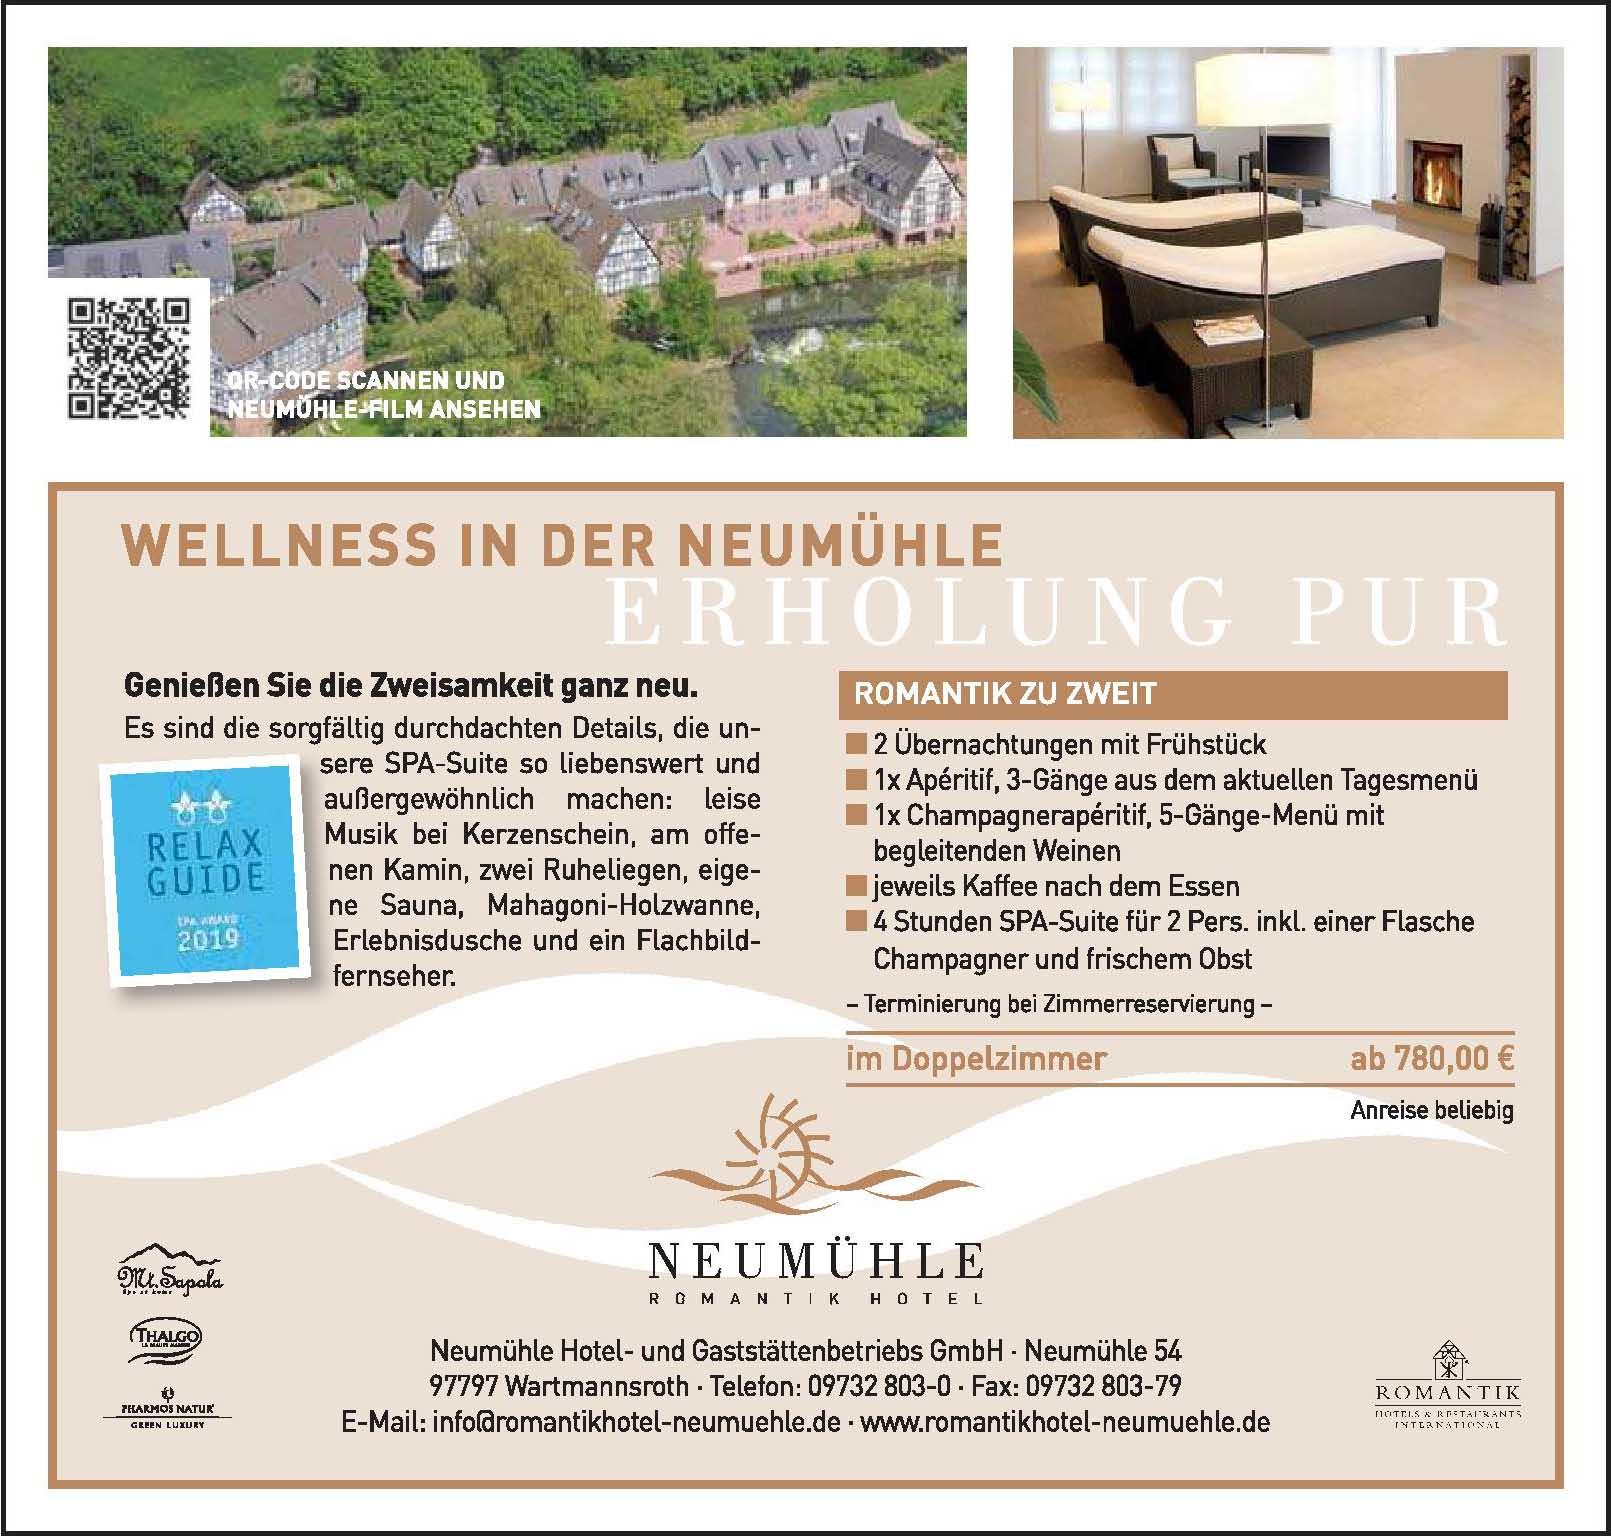 Neumühle Hotel- und Gaststättenbetriebs GmbH